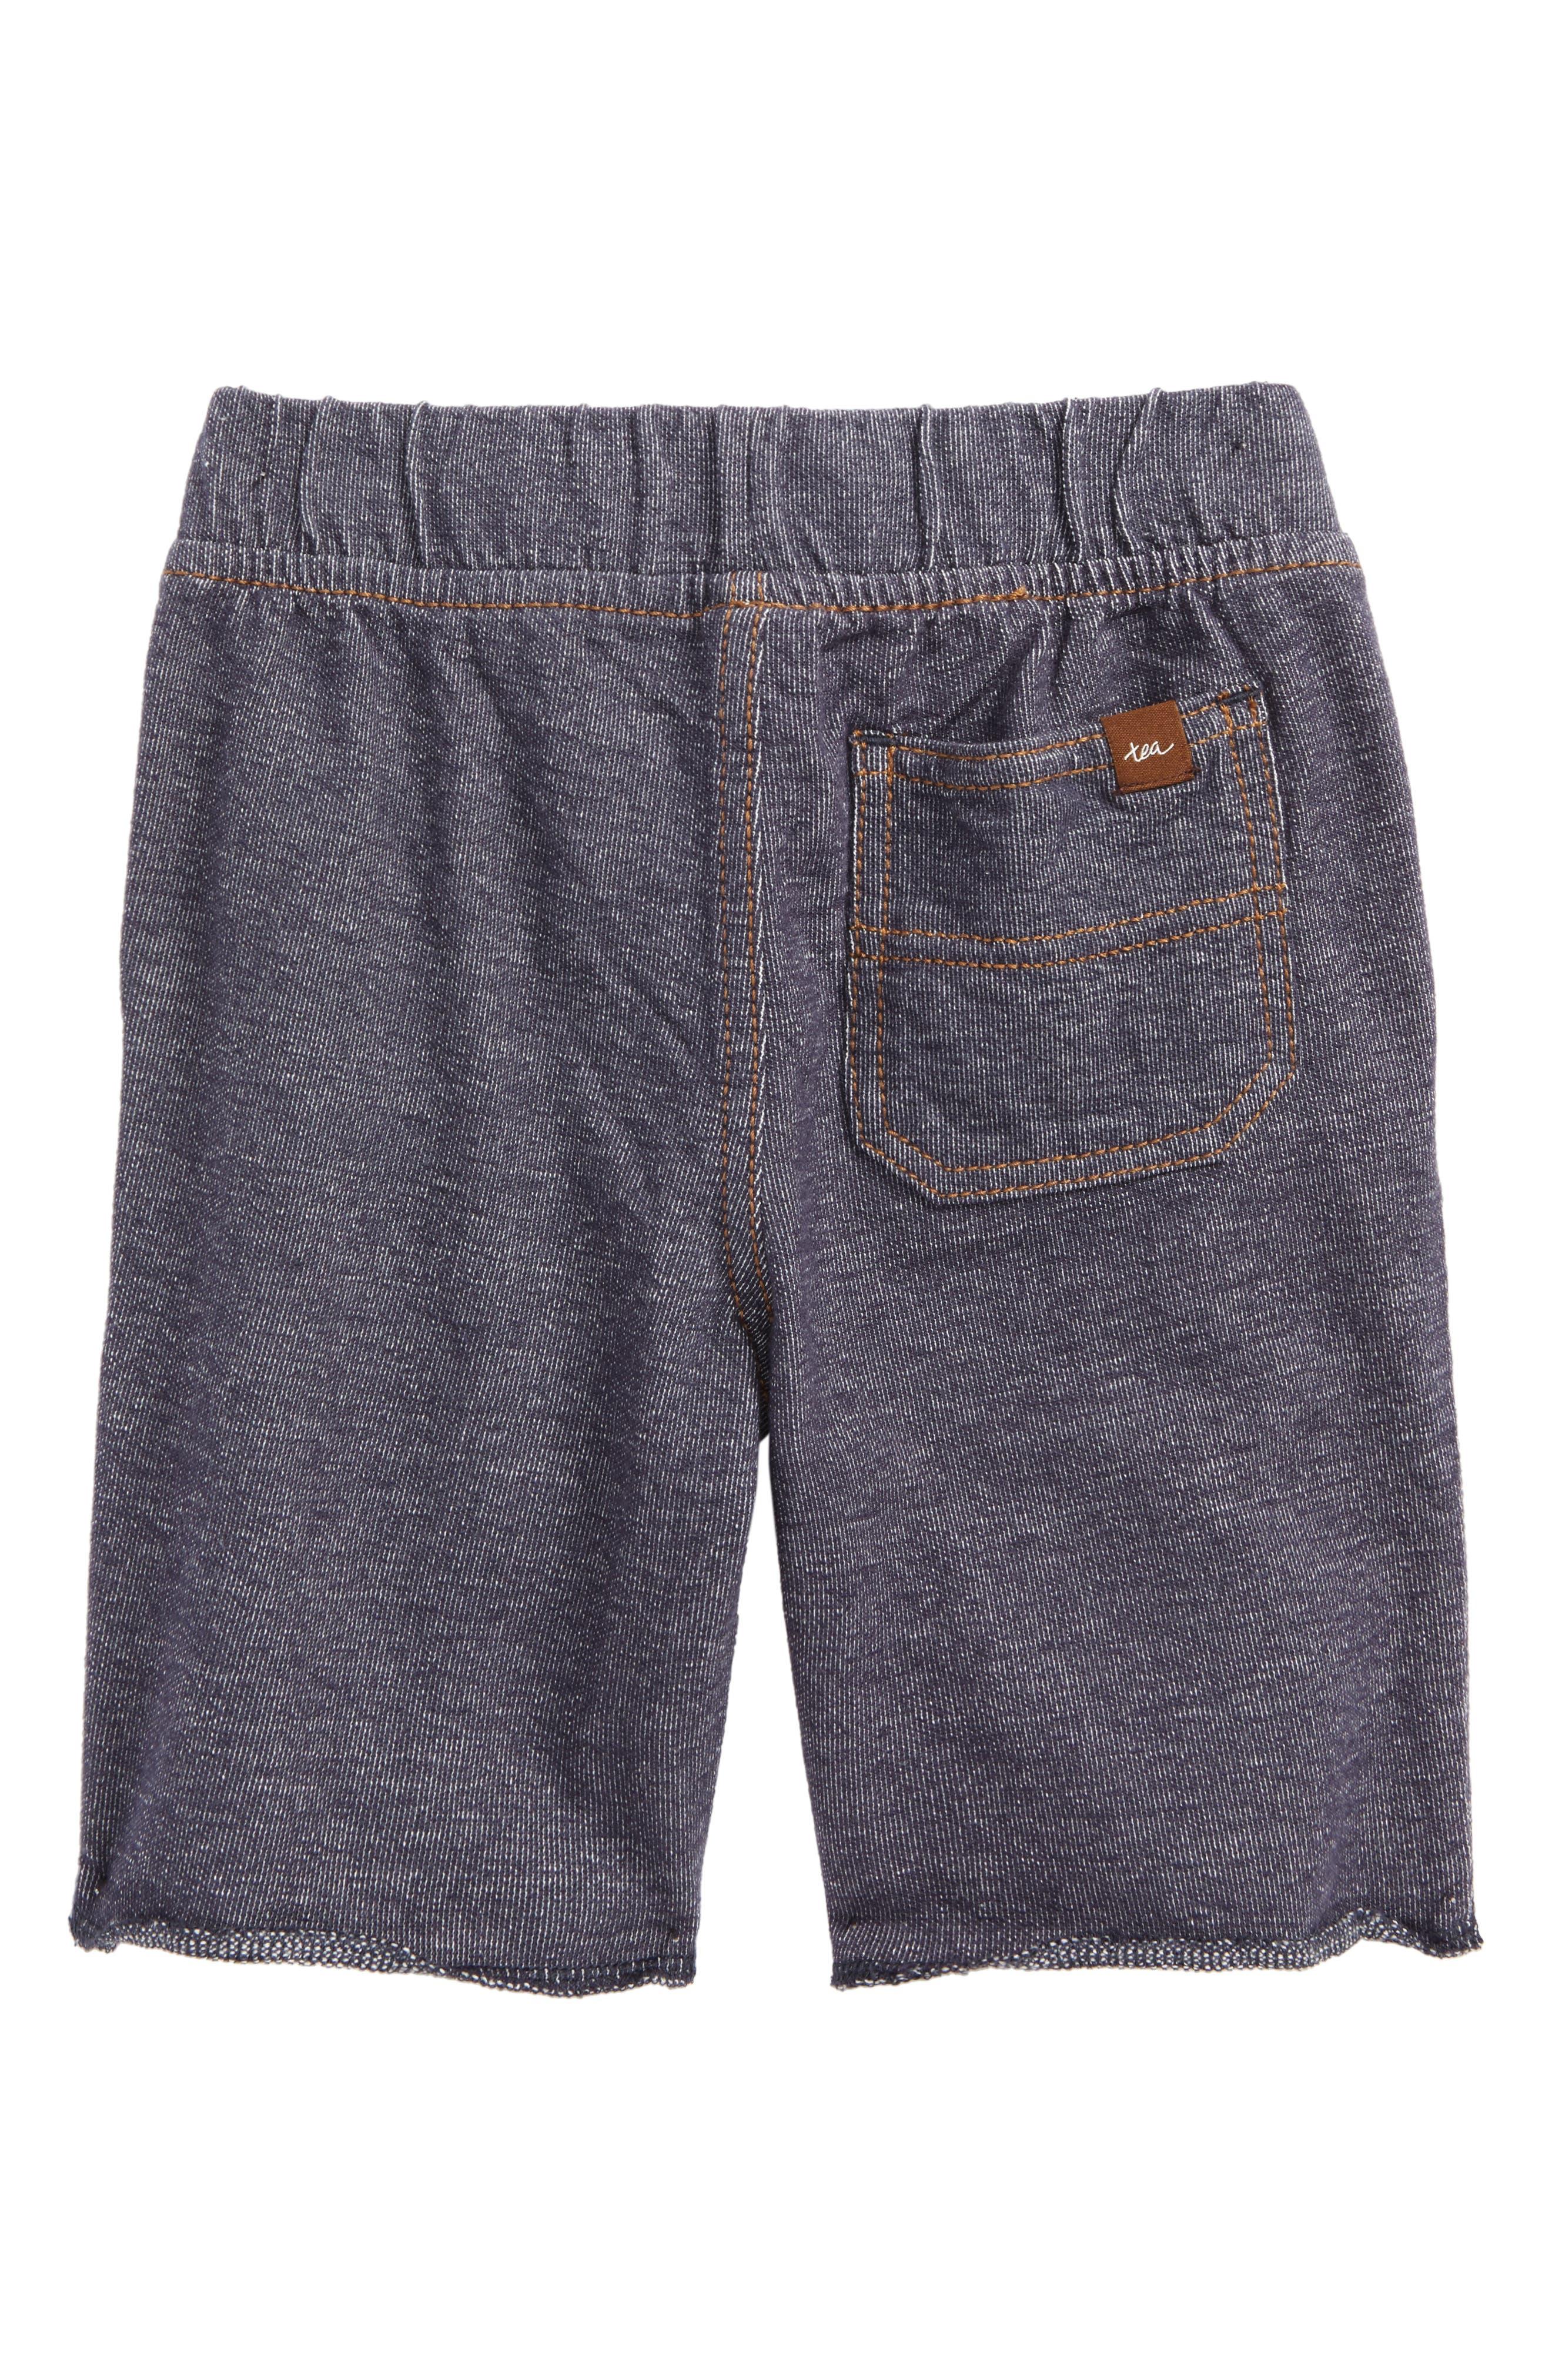 Shorts,                             Alternate thumbnail 2, color,